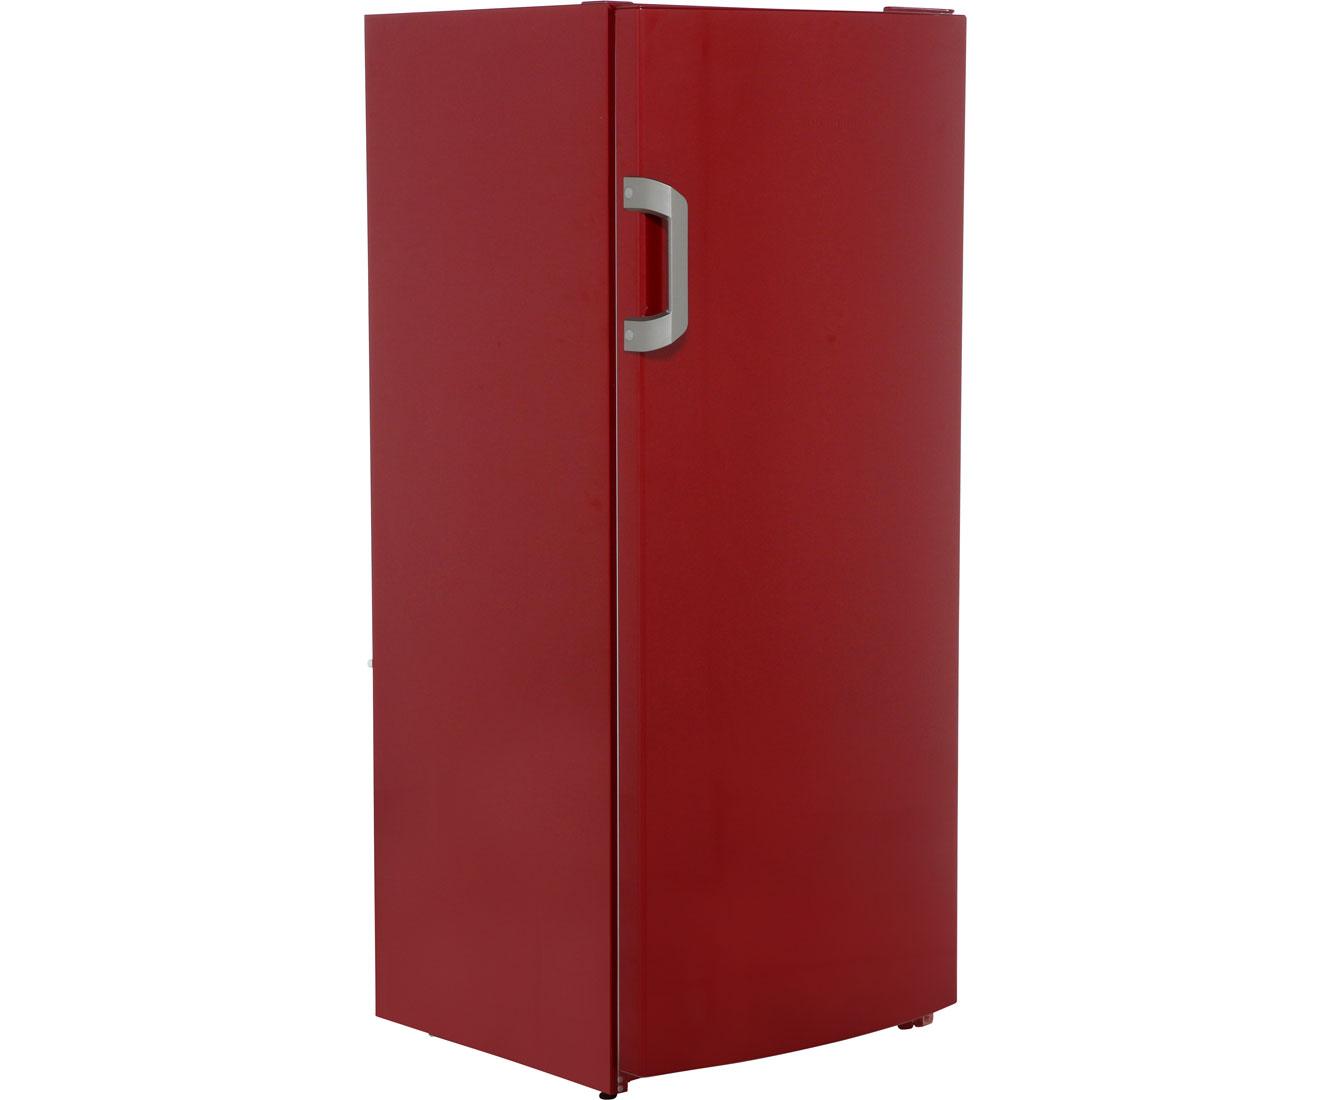 Gorenje Kühlschrank Qualität : Gorenje spartage bei ao z b rote retro kühlschränke ab